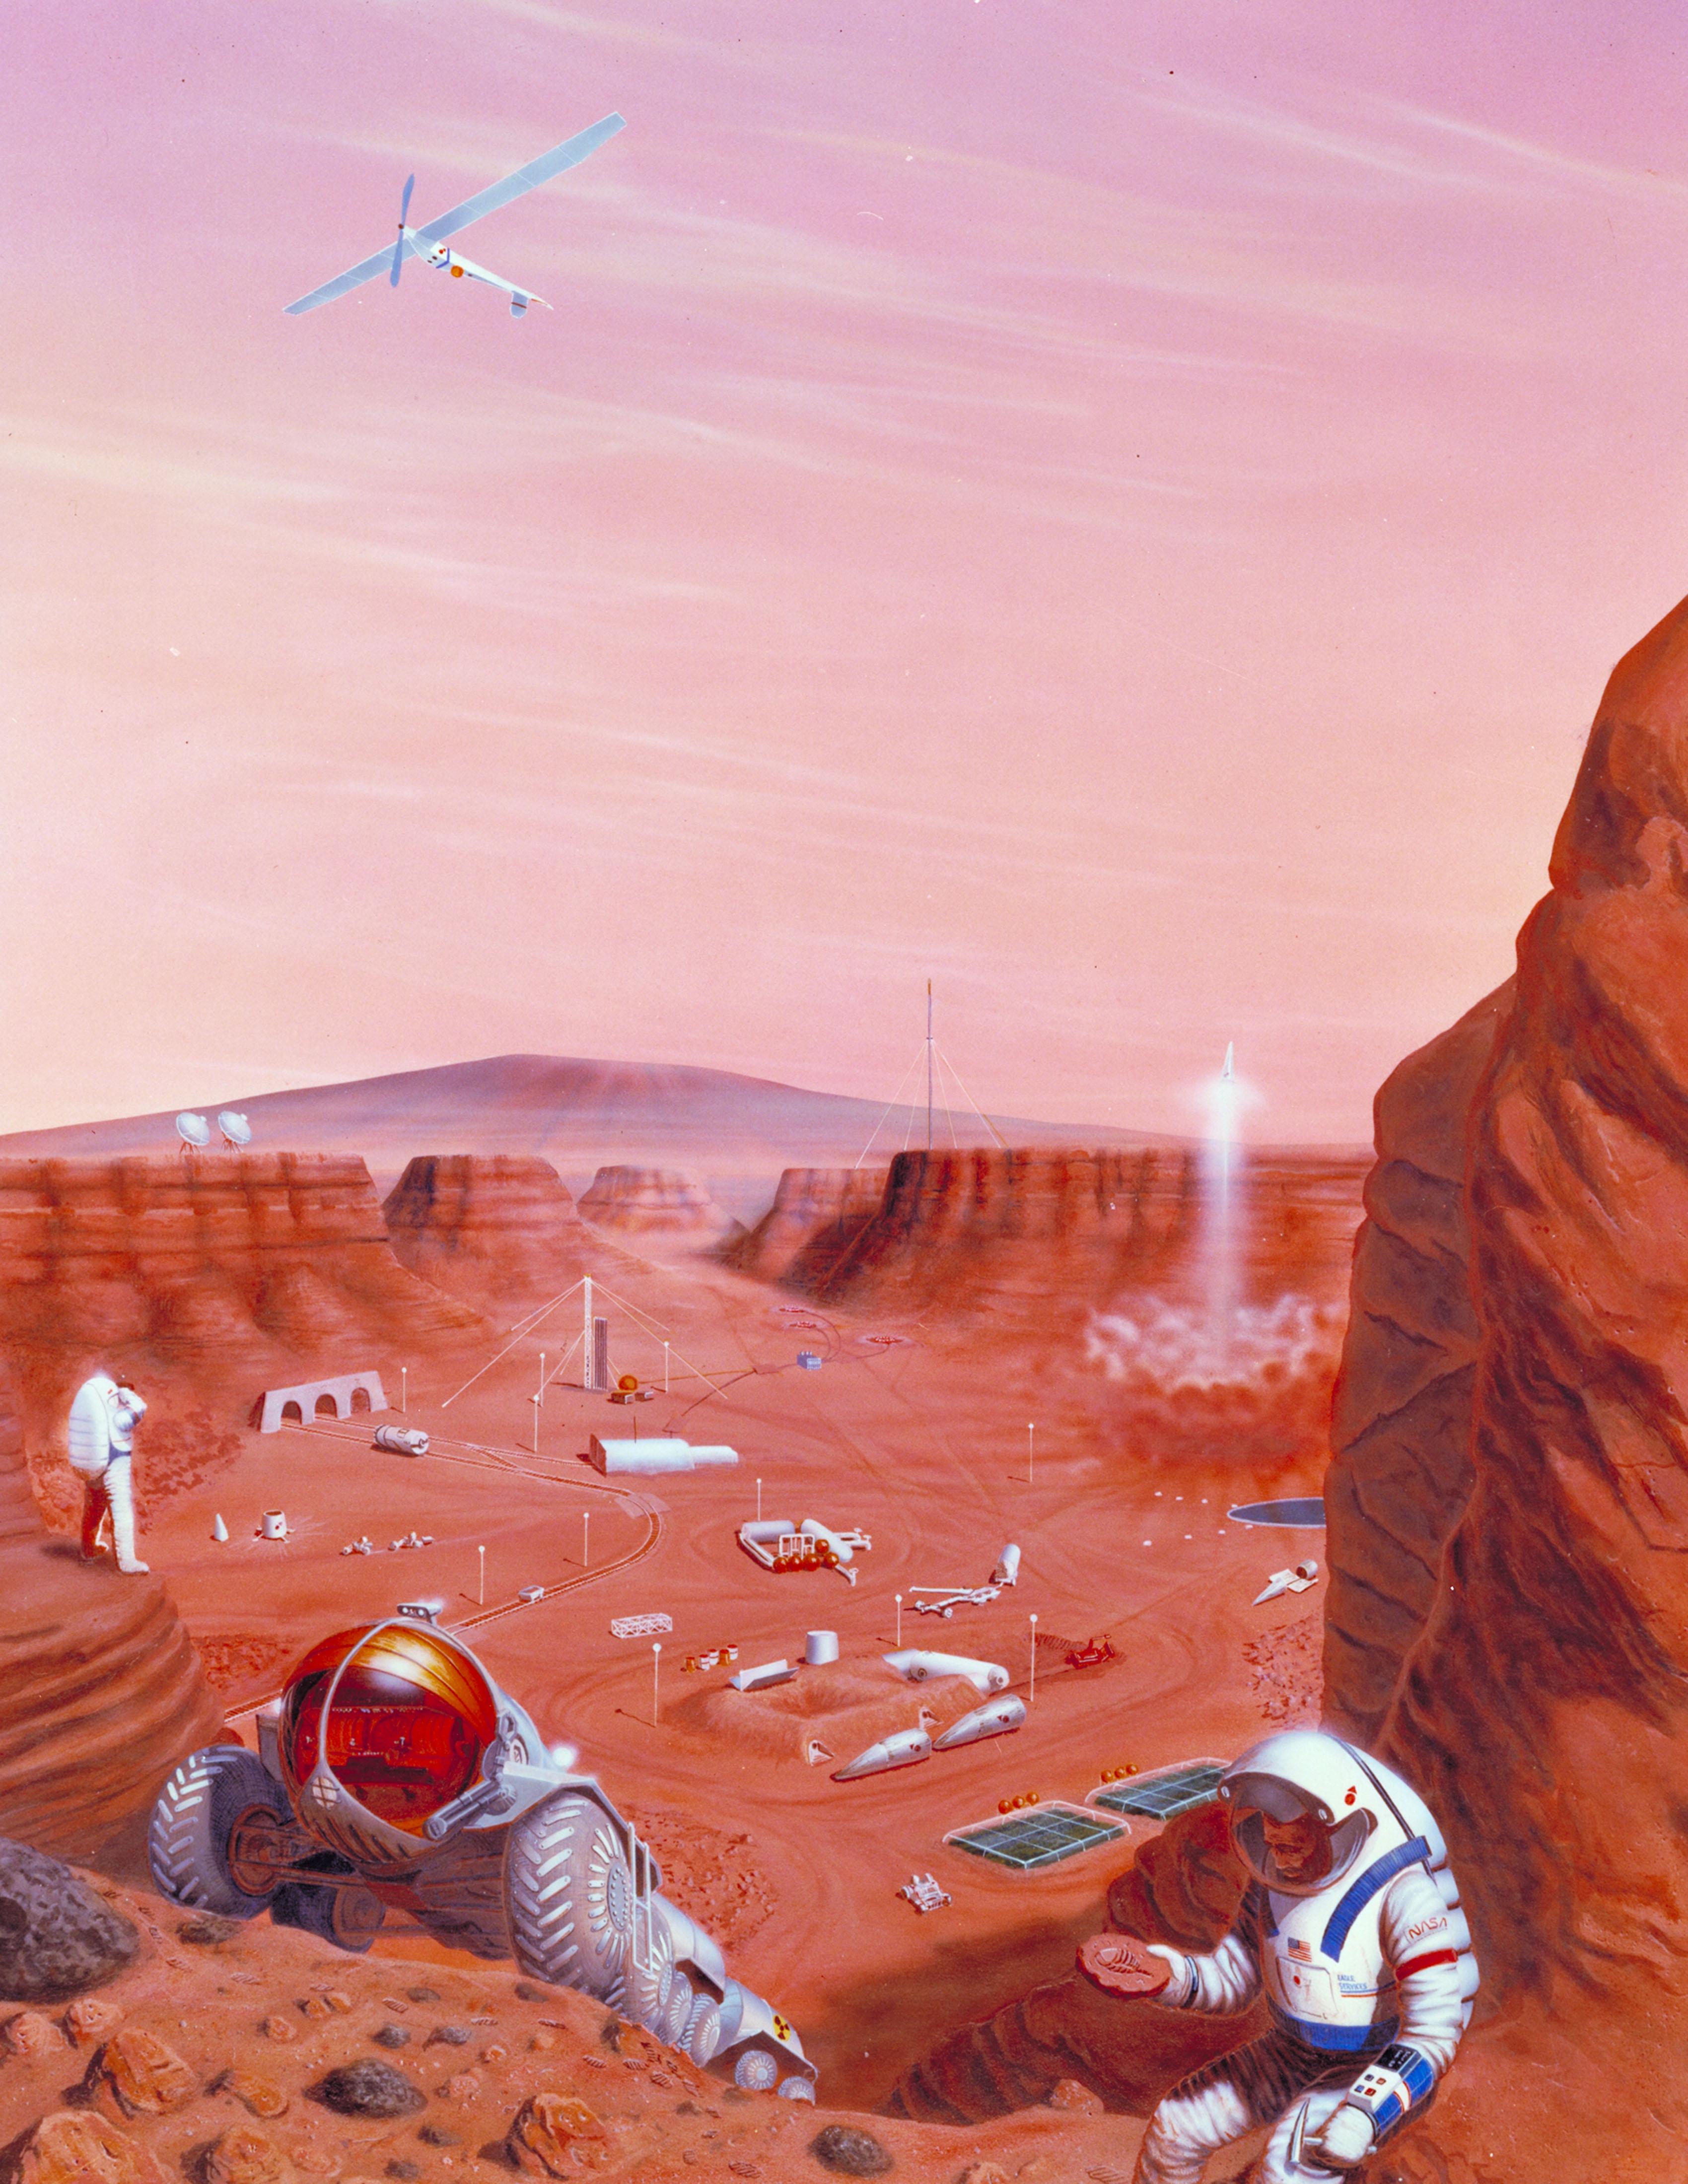 possibility of inhabitance on mars